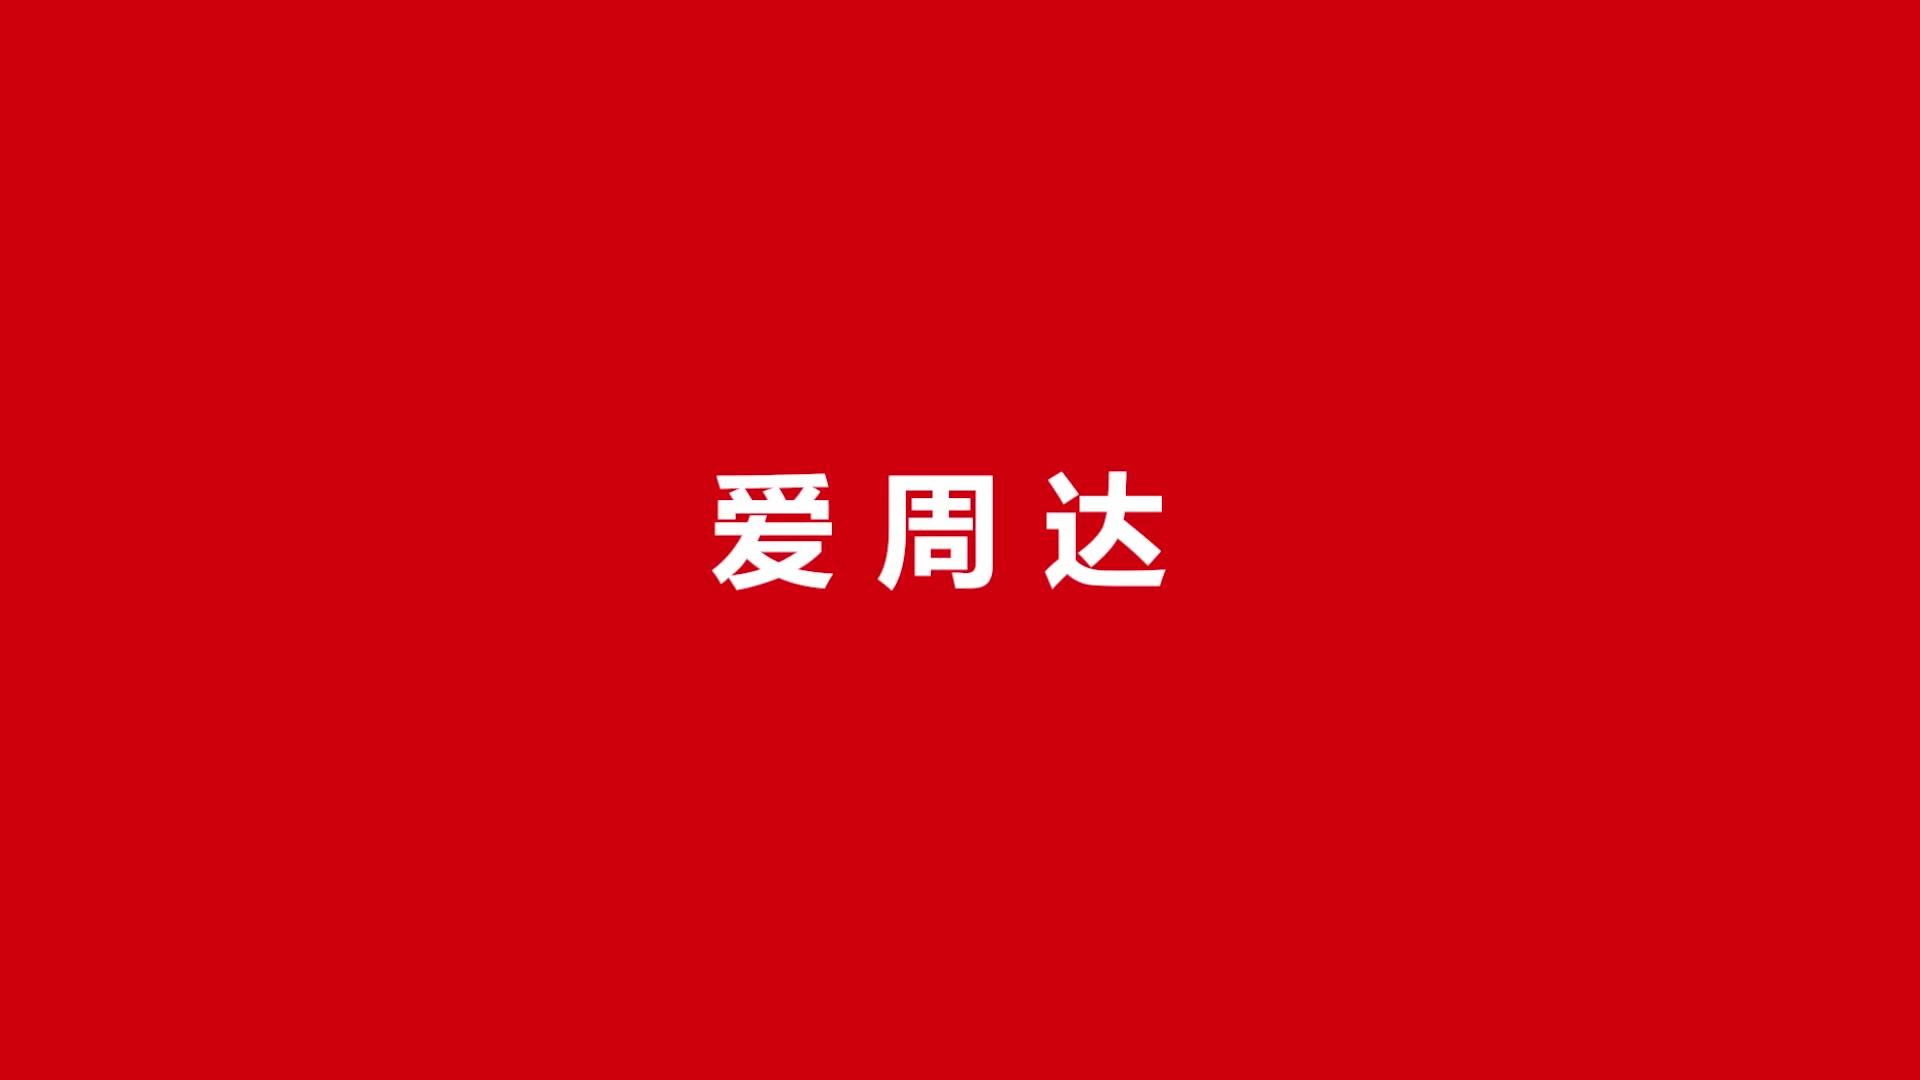 中央戏剧学院全国第二名 河南省联考268分 联考校考双冠王